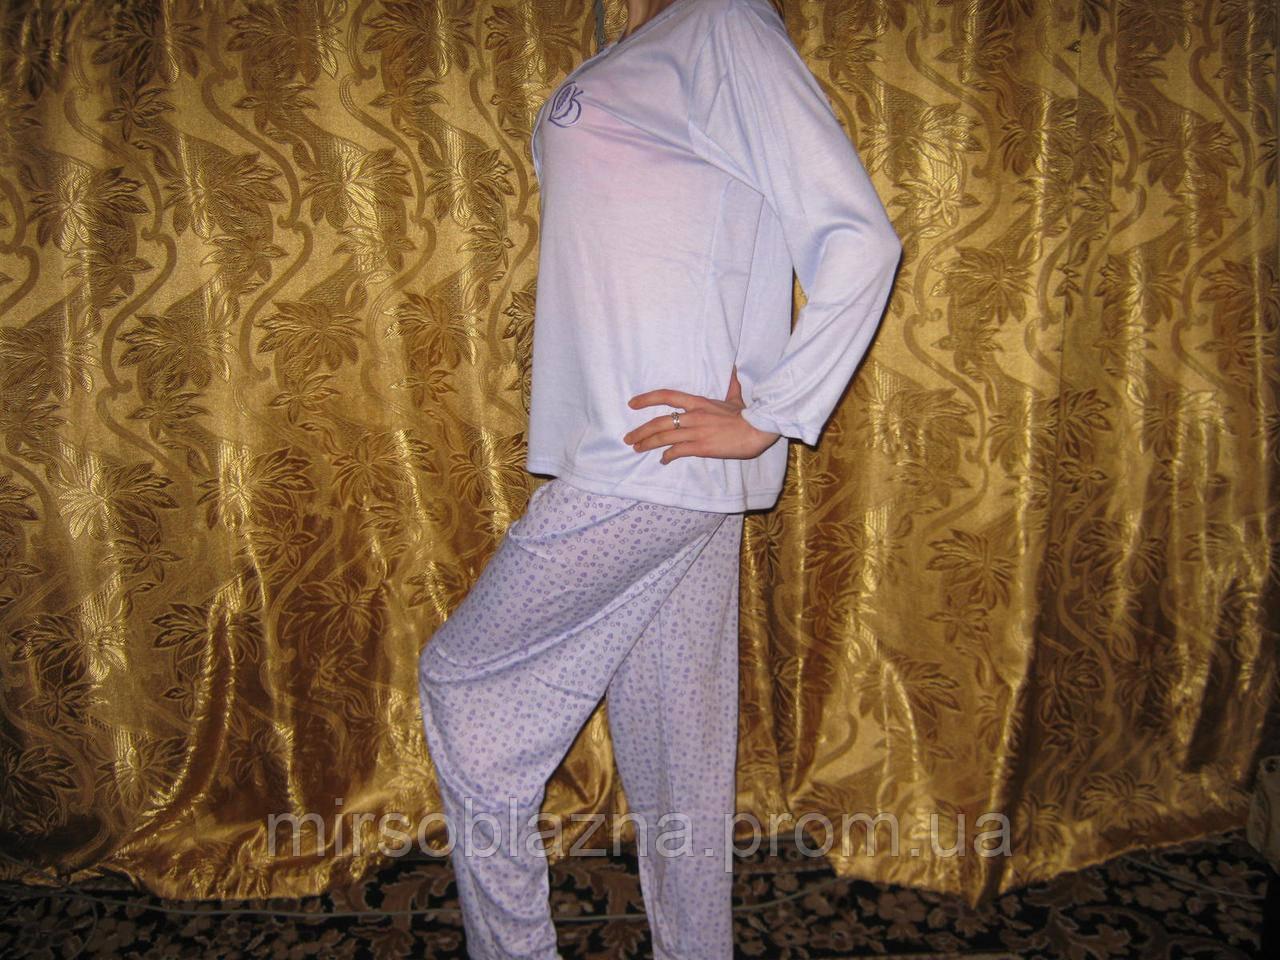 Пижама женская  100% хлопок розовая и сиреневая размер XL (48-50)